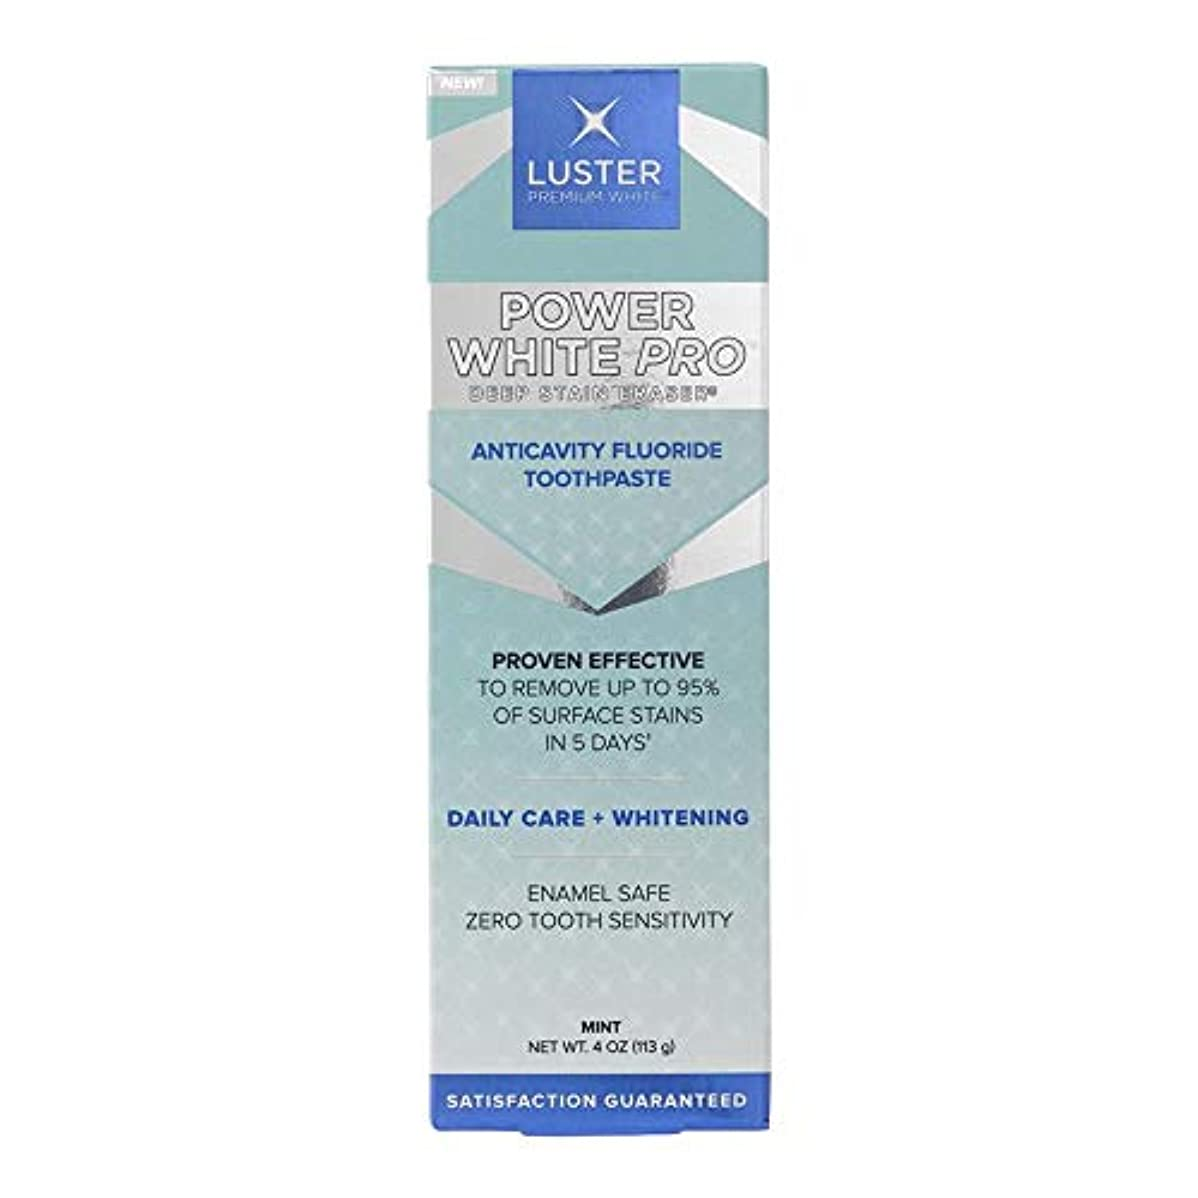 解決するクスクスバドミントンLuster プレミアムホワイト パワーホワイトプロデイリーケアディープステイン消しゴム歯虫歯予防フッ素ホワイトニングの歯磨き粉、ミント